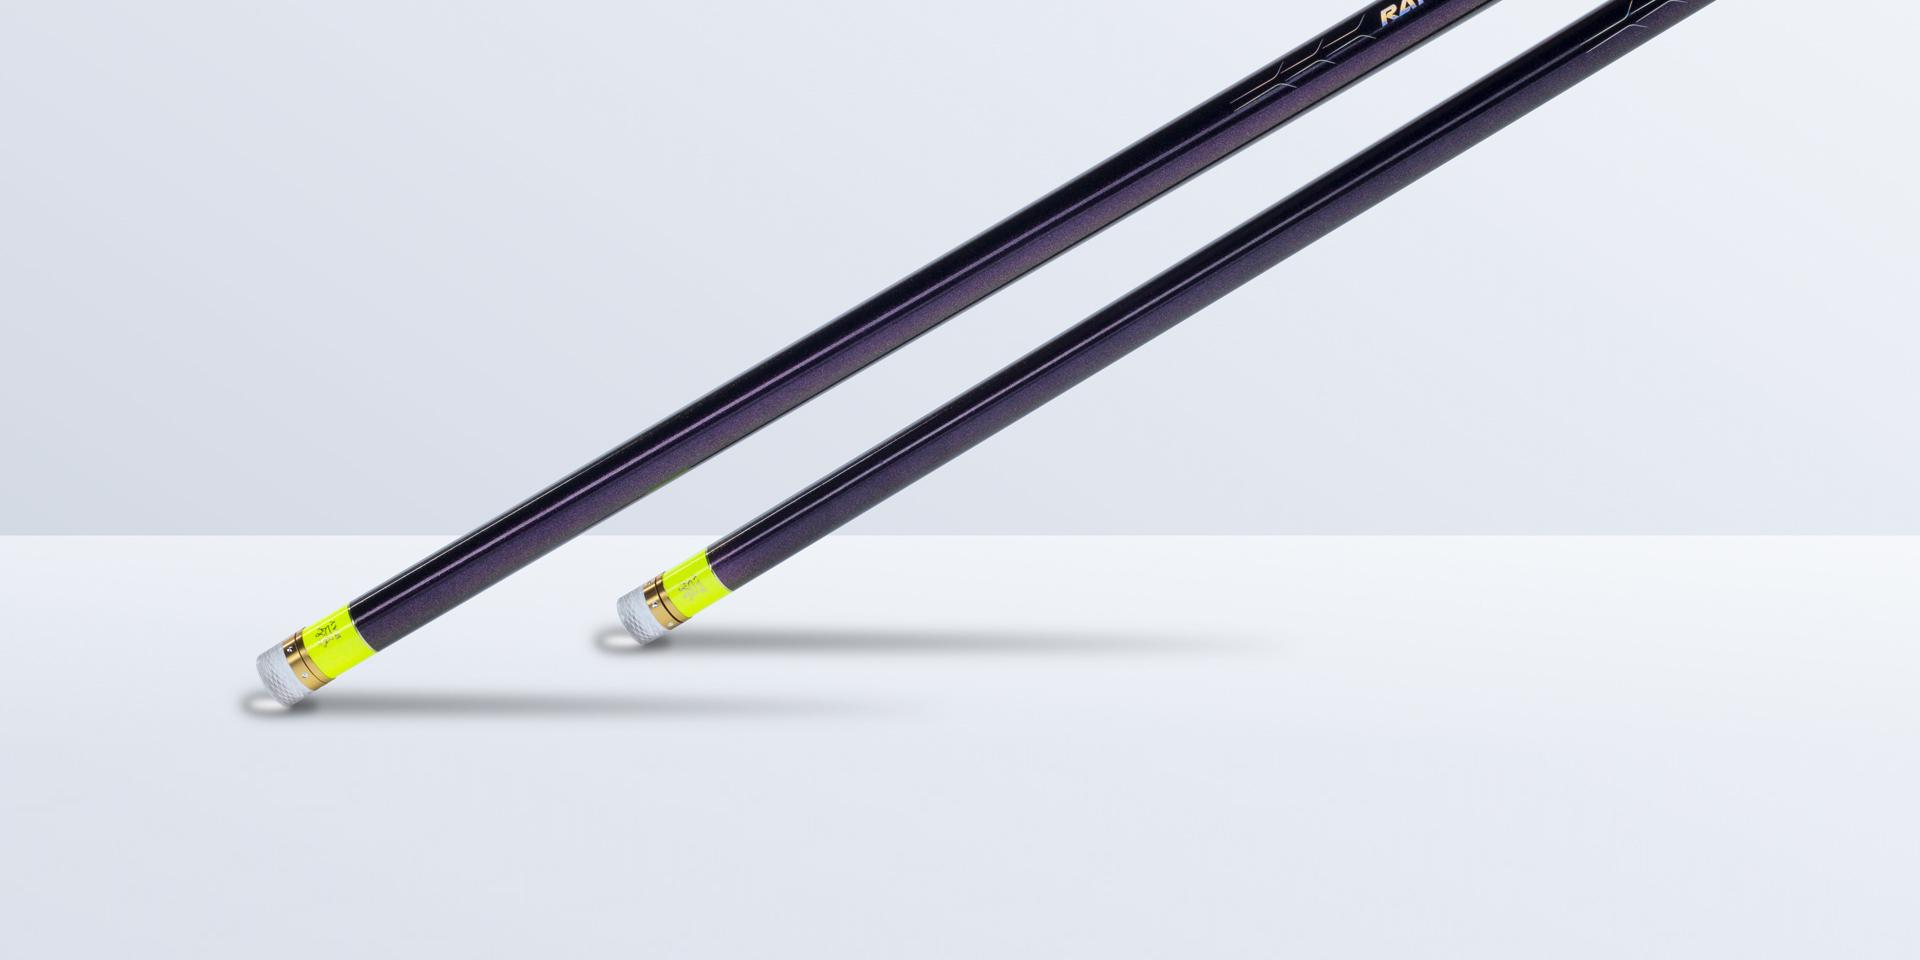 竿身涂装设计以RAY为主题元素,采用了星空闪金元素设计,貌似置身宇宙给人一种无穷的浩瀚力量。